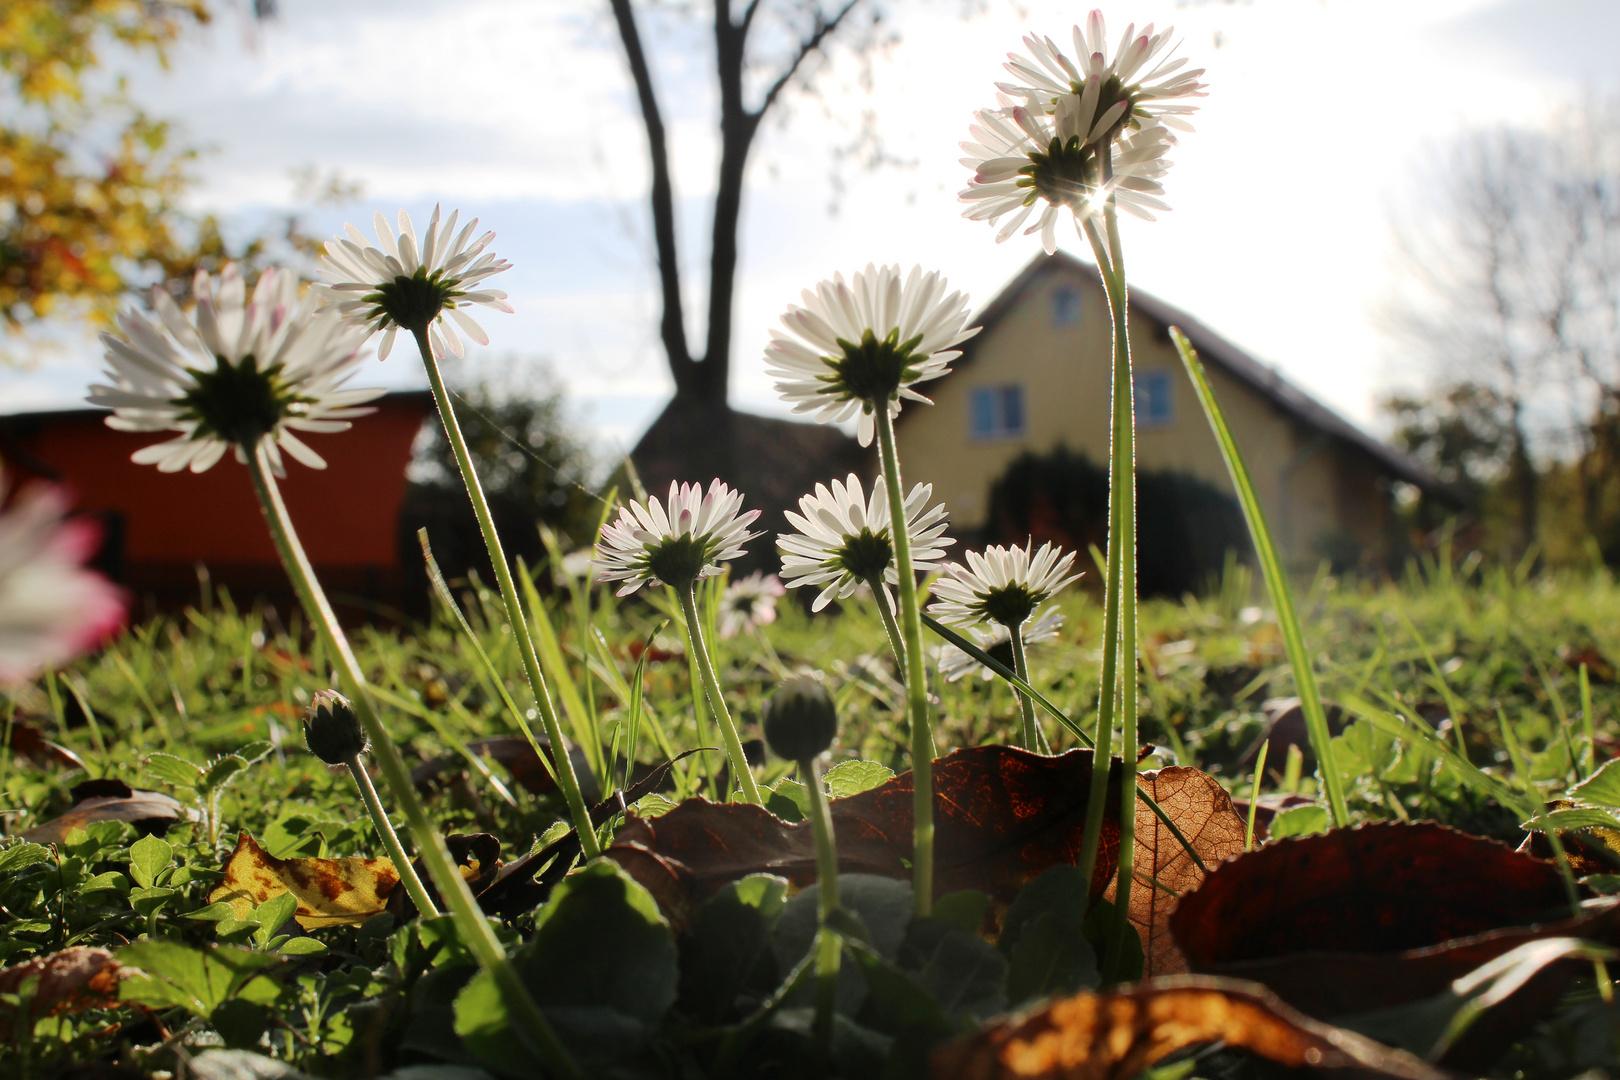 Frühlingshafter Herbsttag